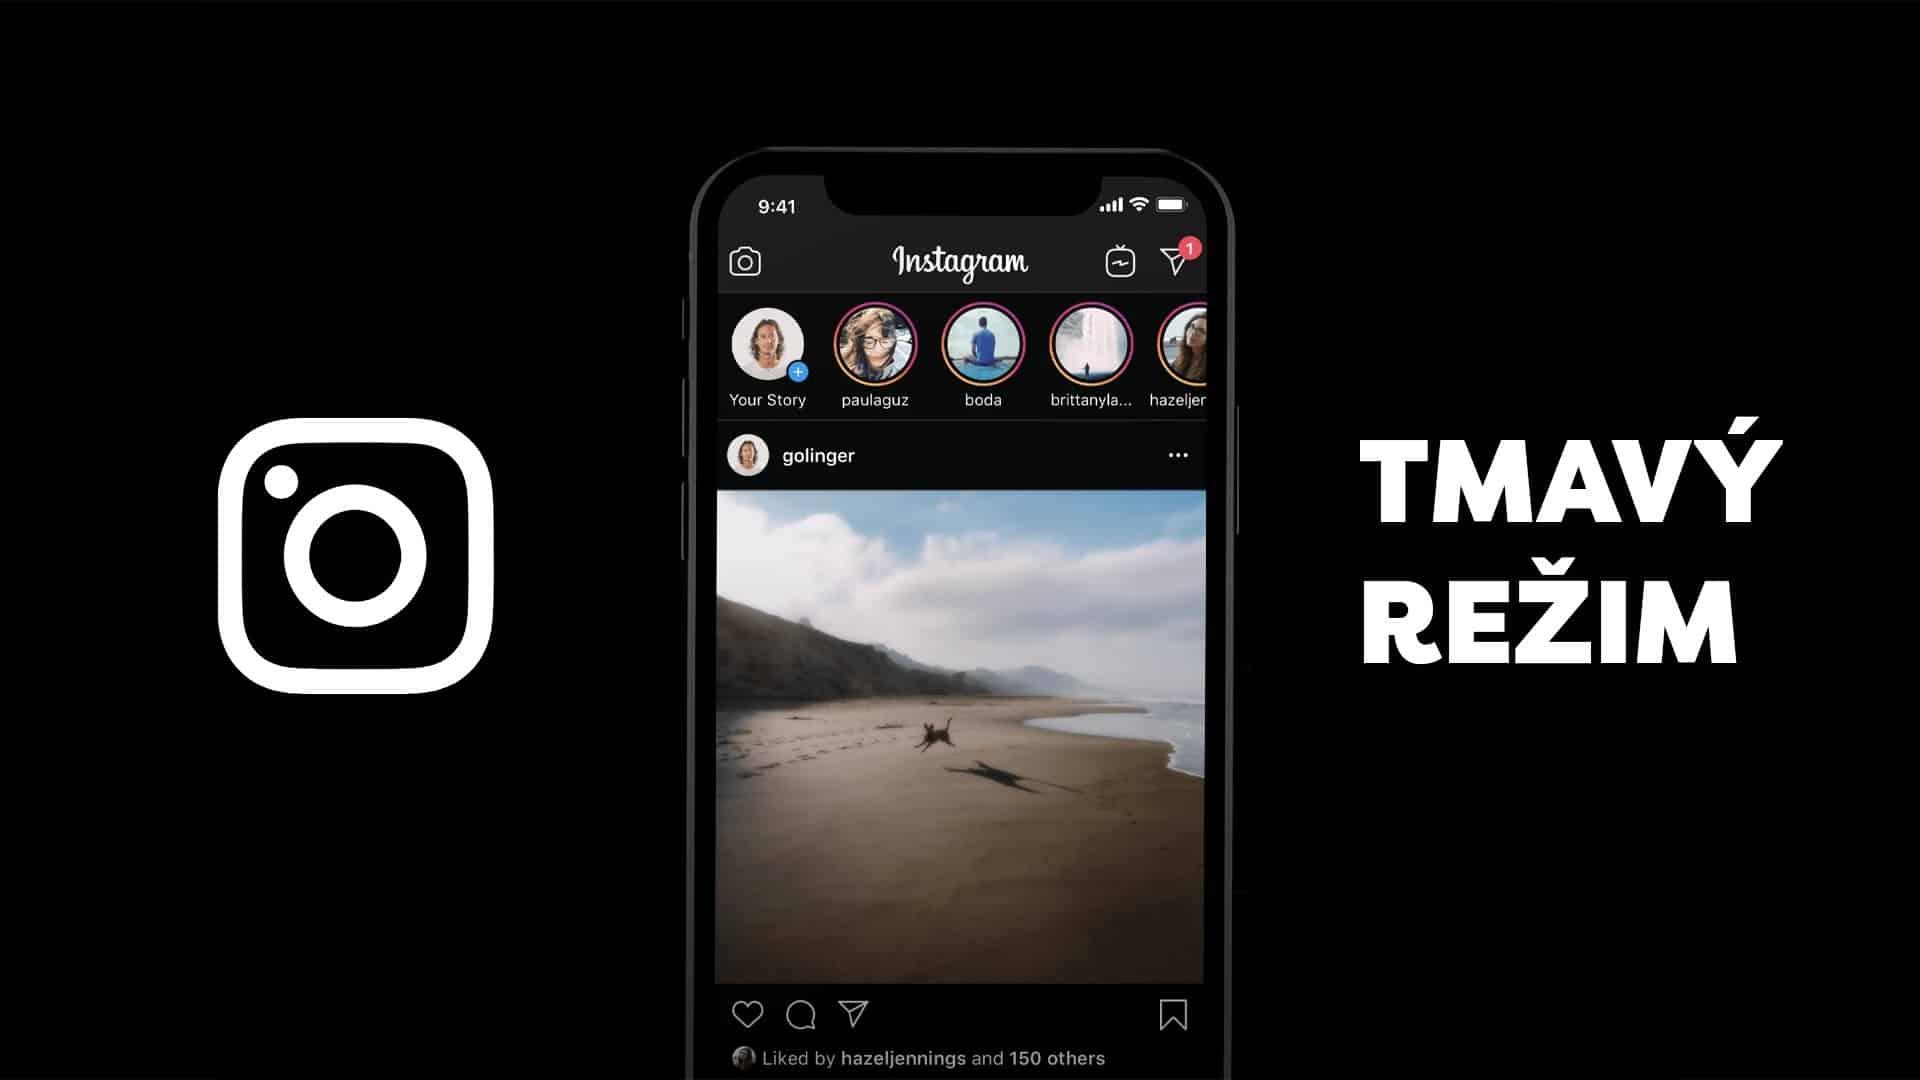 instagram tmavy rezim